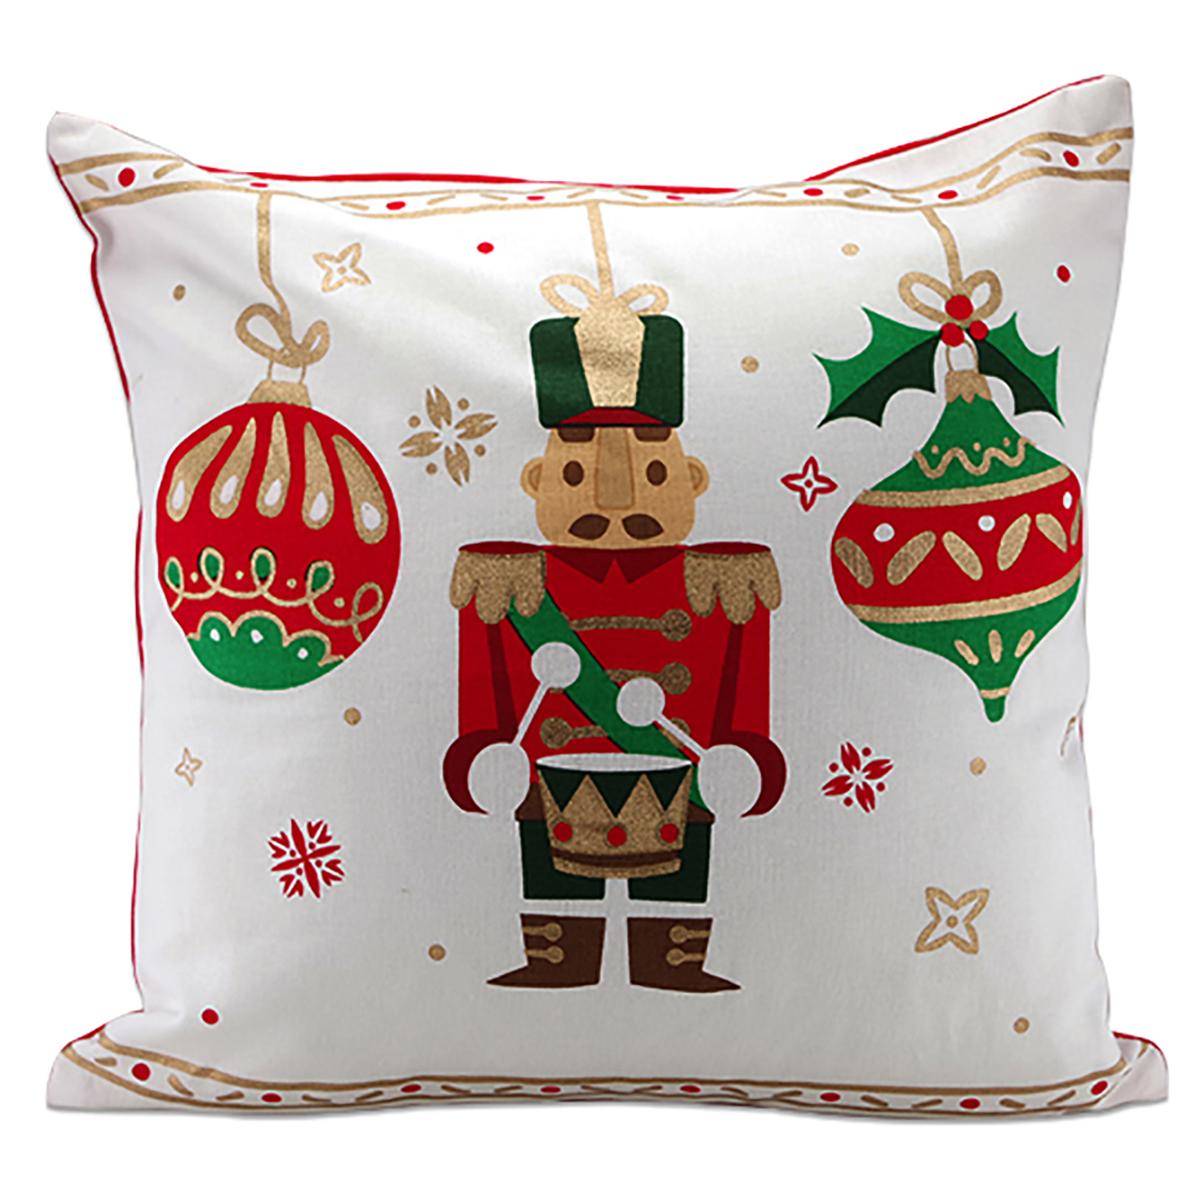 Coussin coton \'Casse-Noisette\' rouge vert blanc - 40x40 cm (Noël) - [A3234]